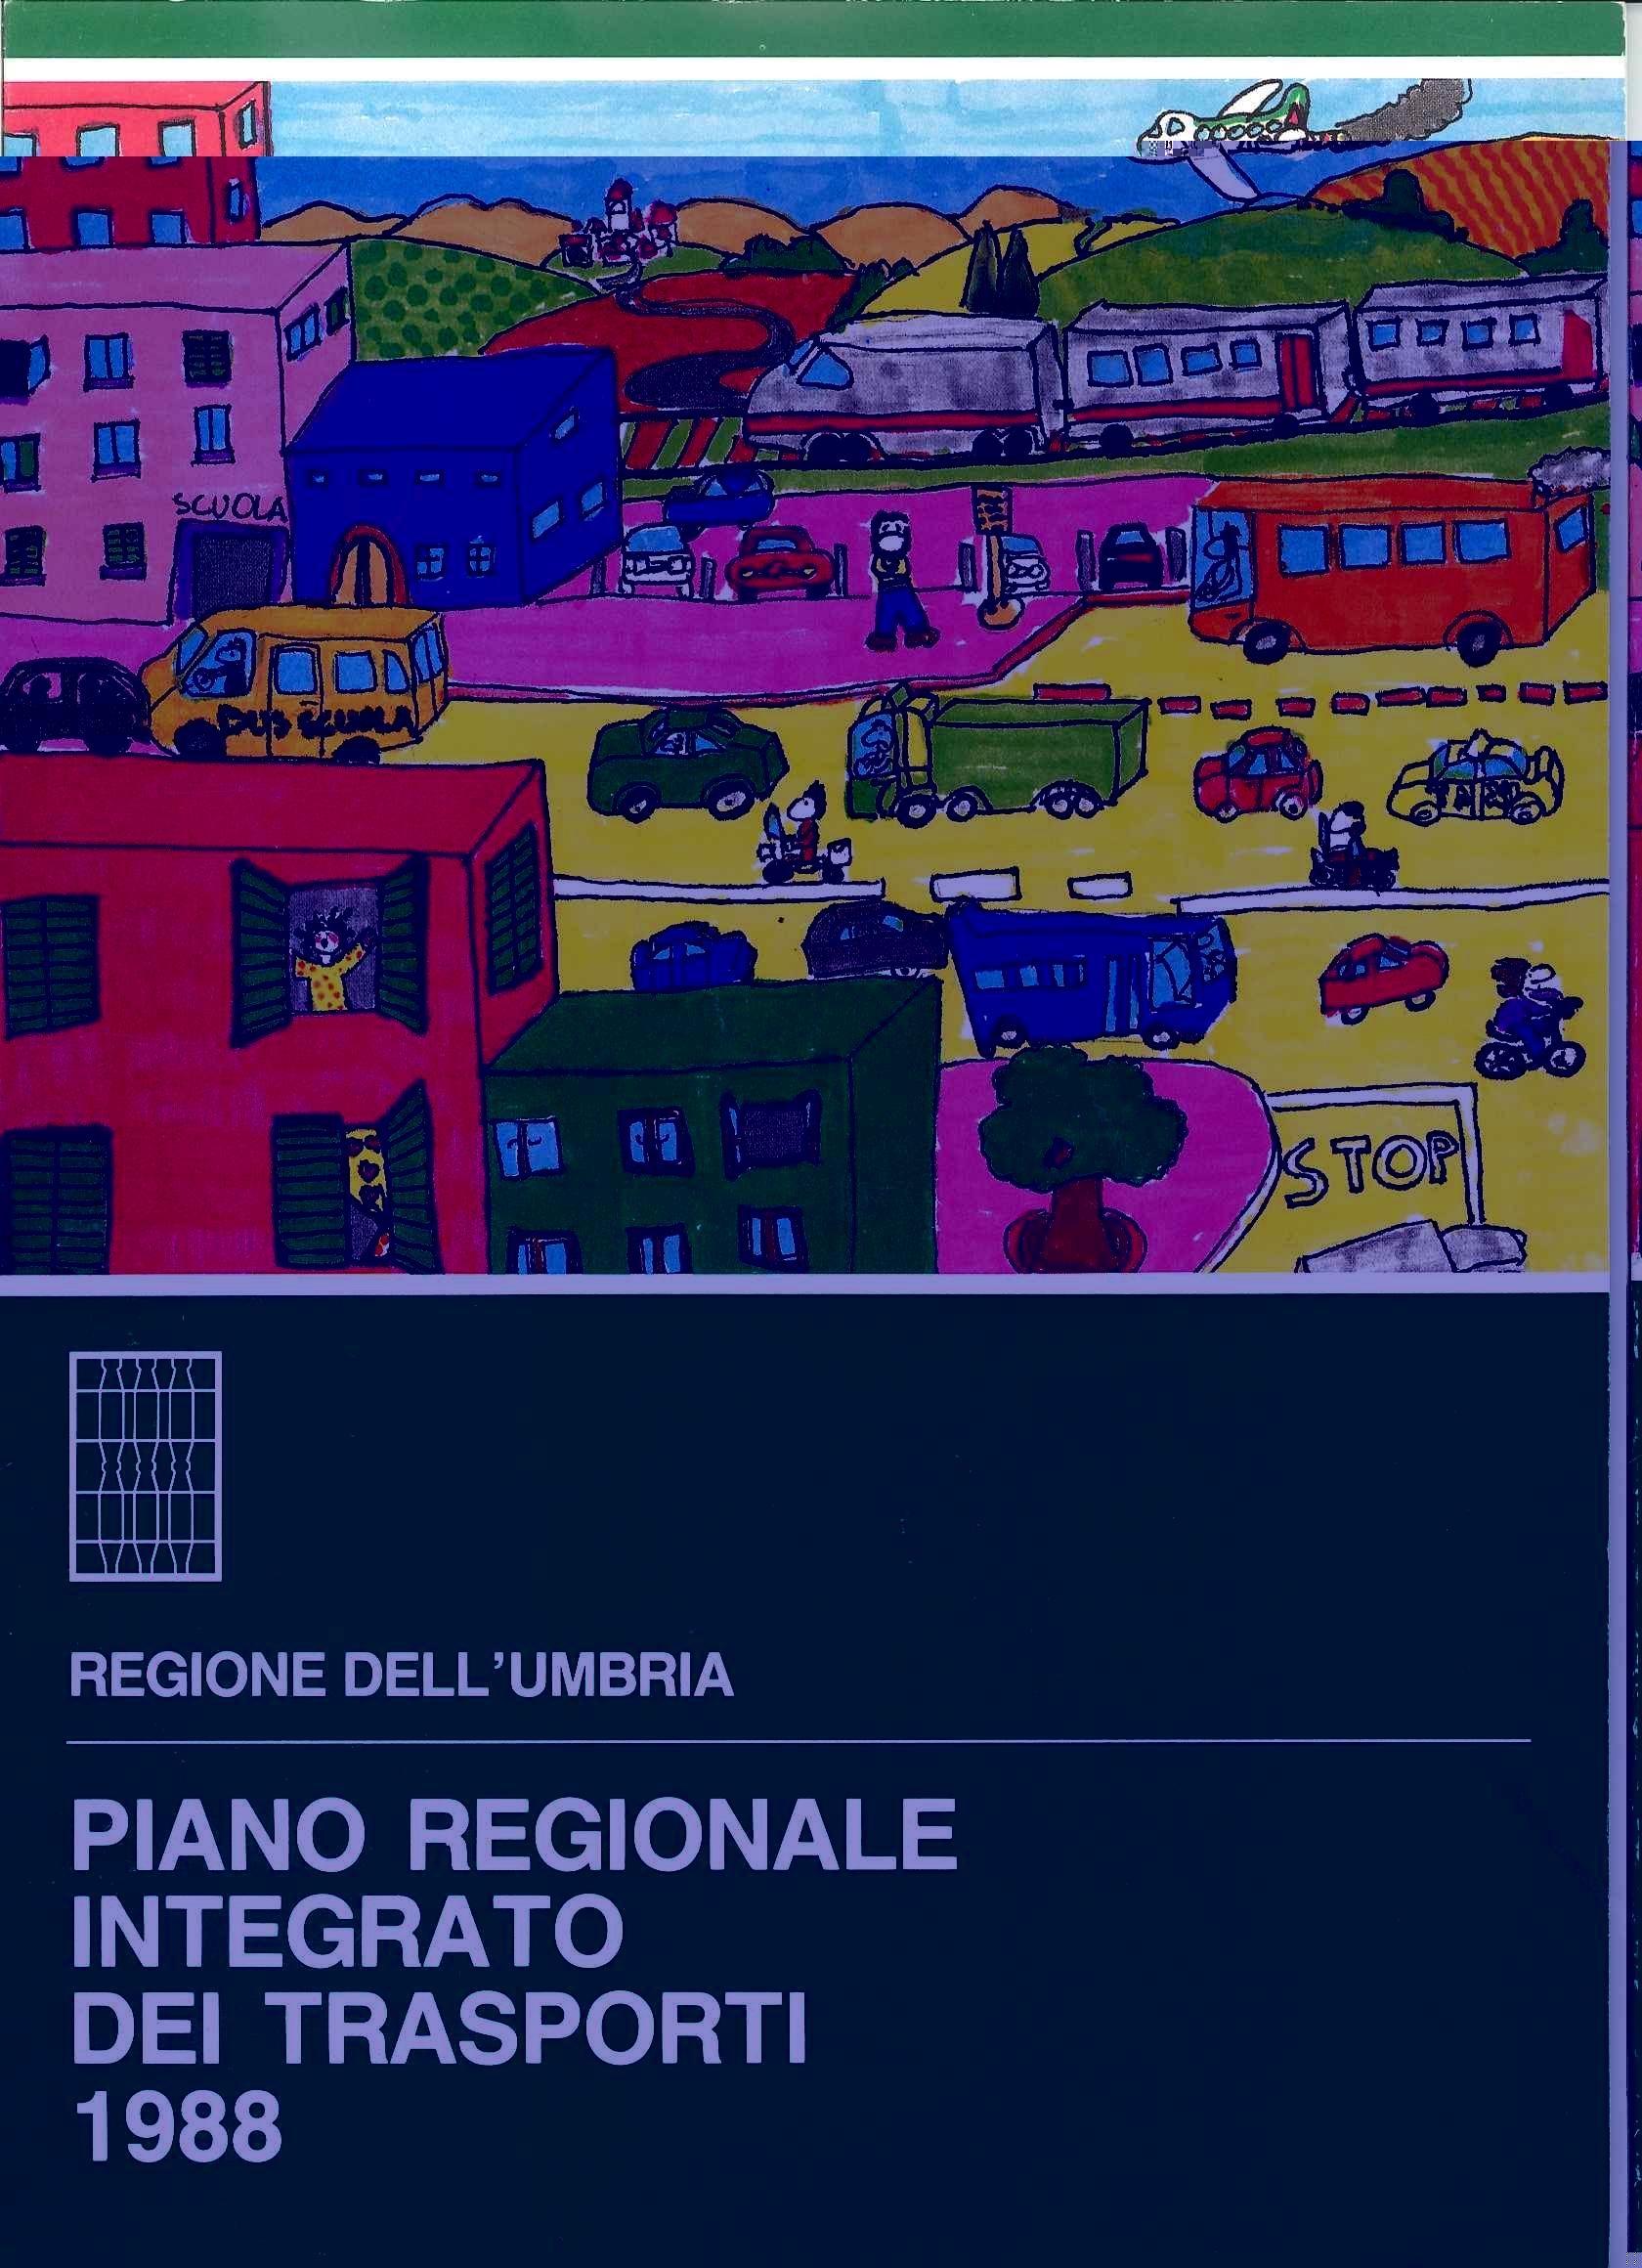 Piano regionale integrato dei trasporti 1988: adottato con D.G.R. n. 1224 del 28/02/1989